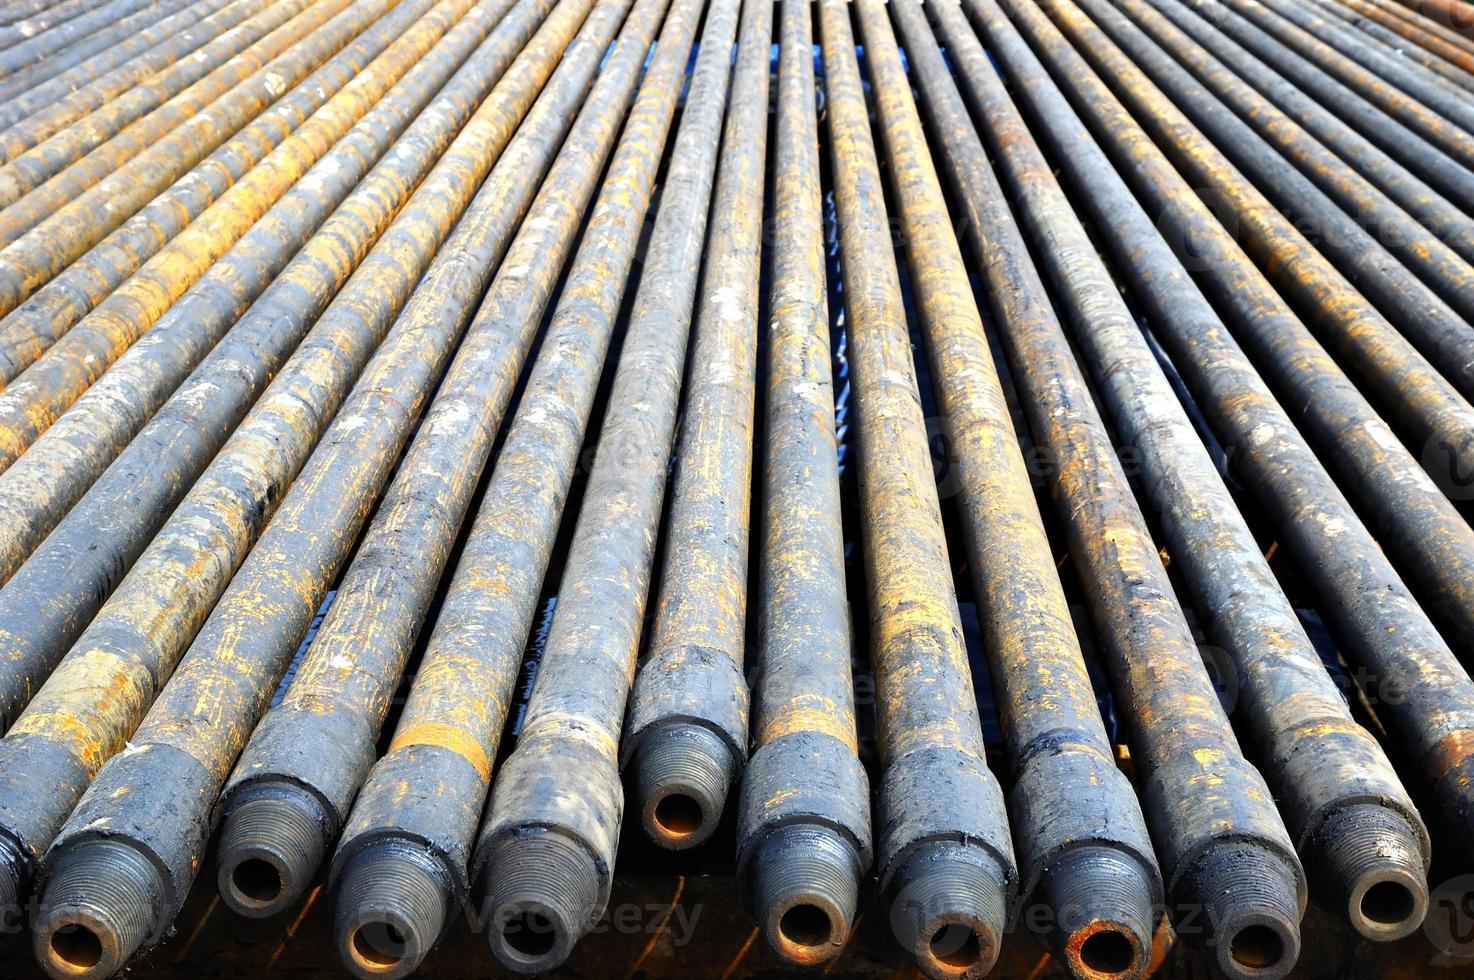 una hilera de tubos de perforación de acero largos y sucios foto